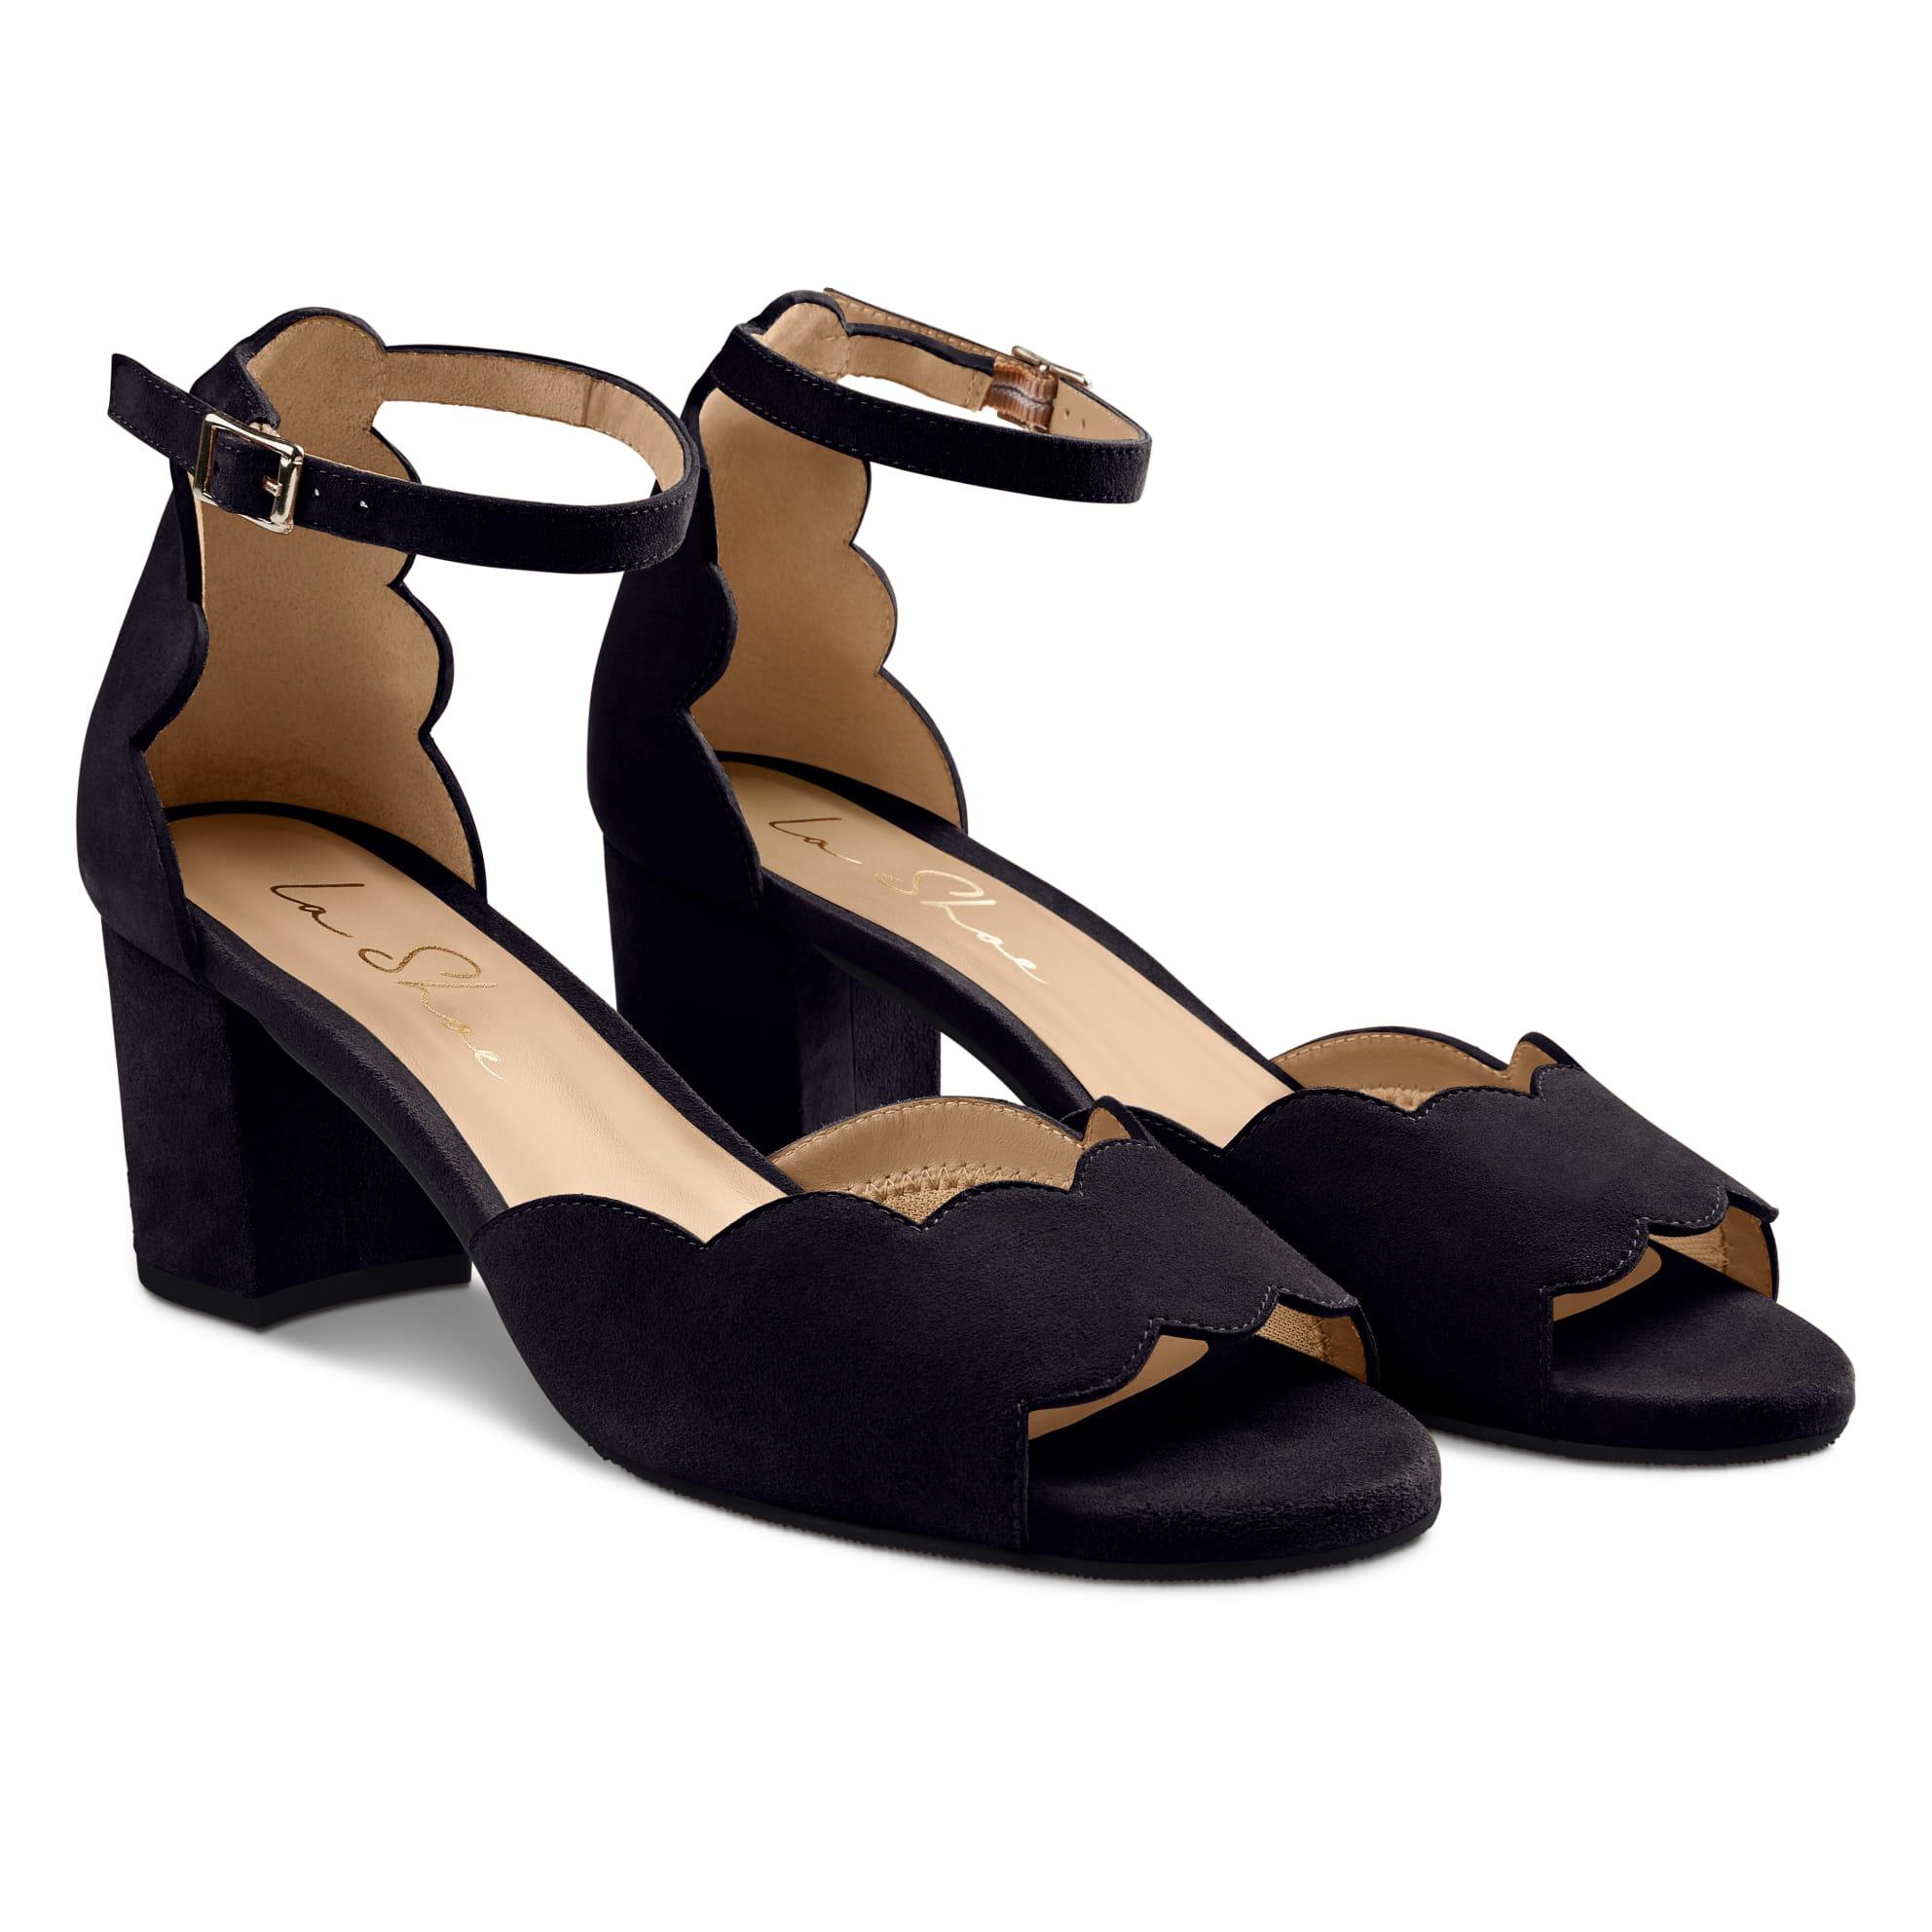 Riemchensandale Wave Schwarz – modischer und bequemer Schuh für Hallux valgus und empfindliche Füße von LaShoe.de